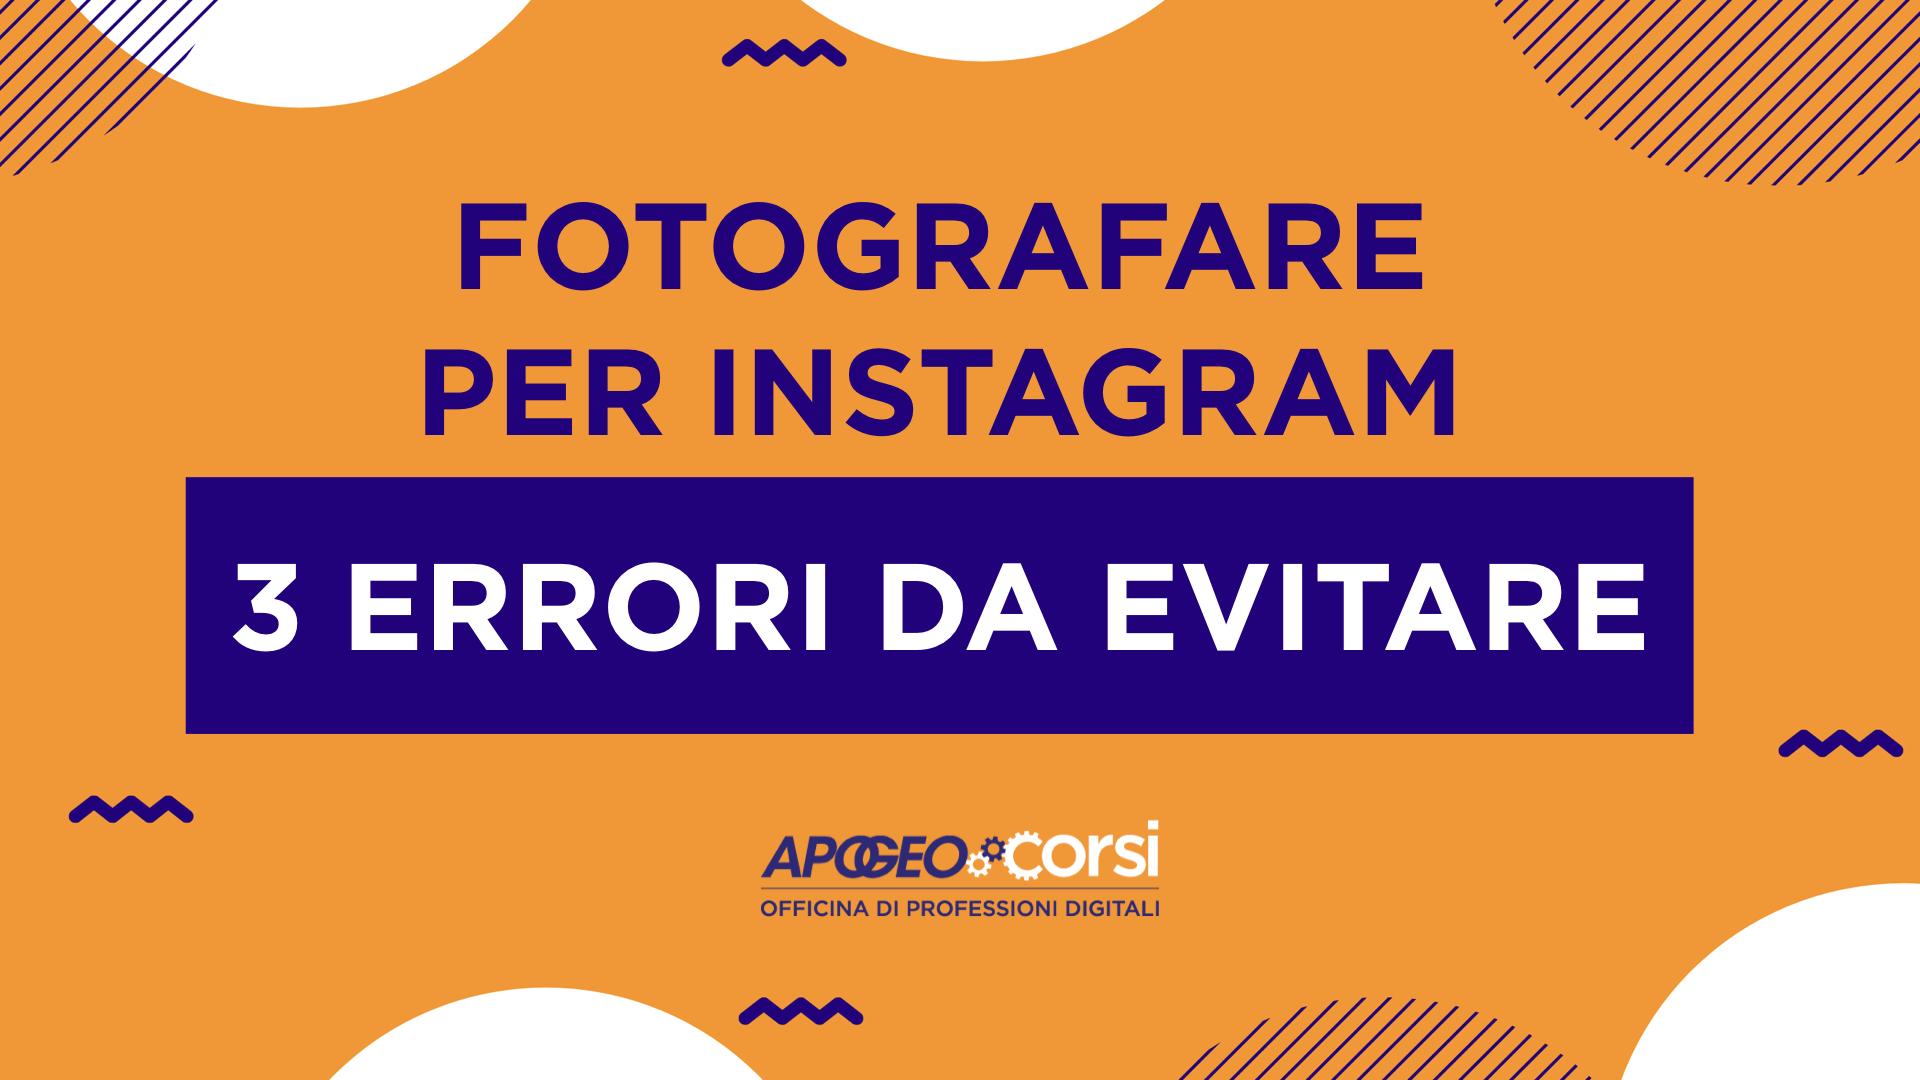 Fotografare per Instagram: 3 errori da evitare